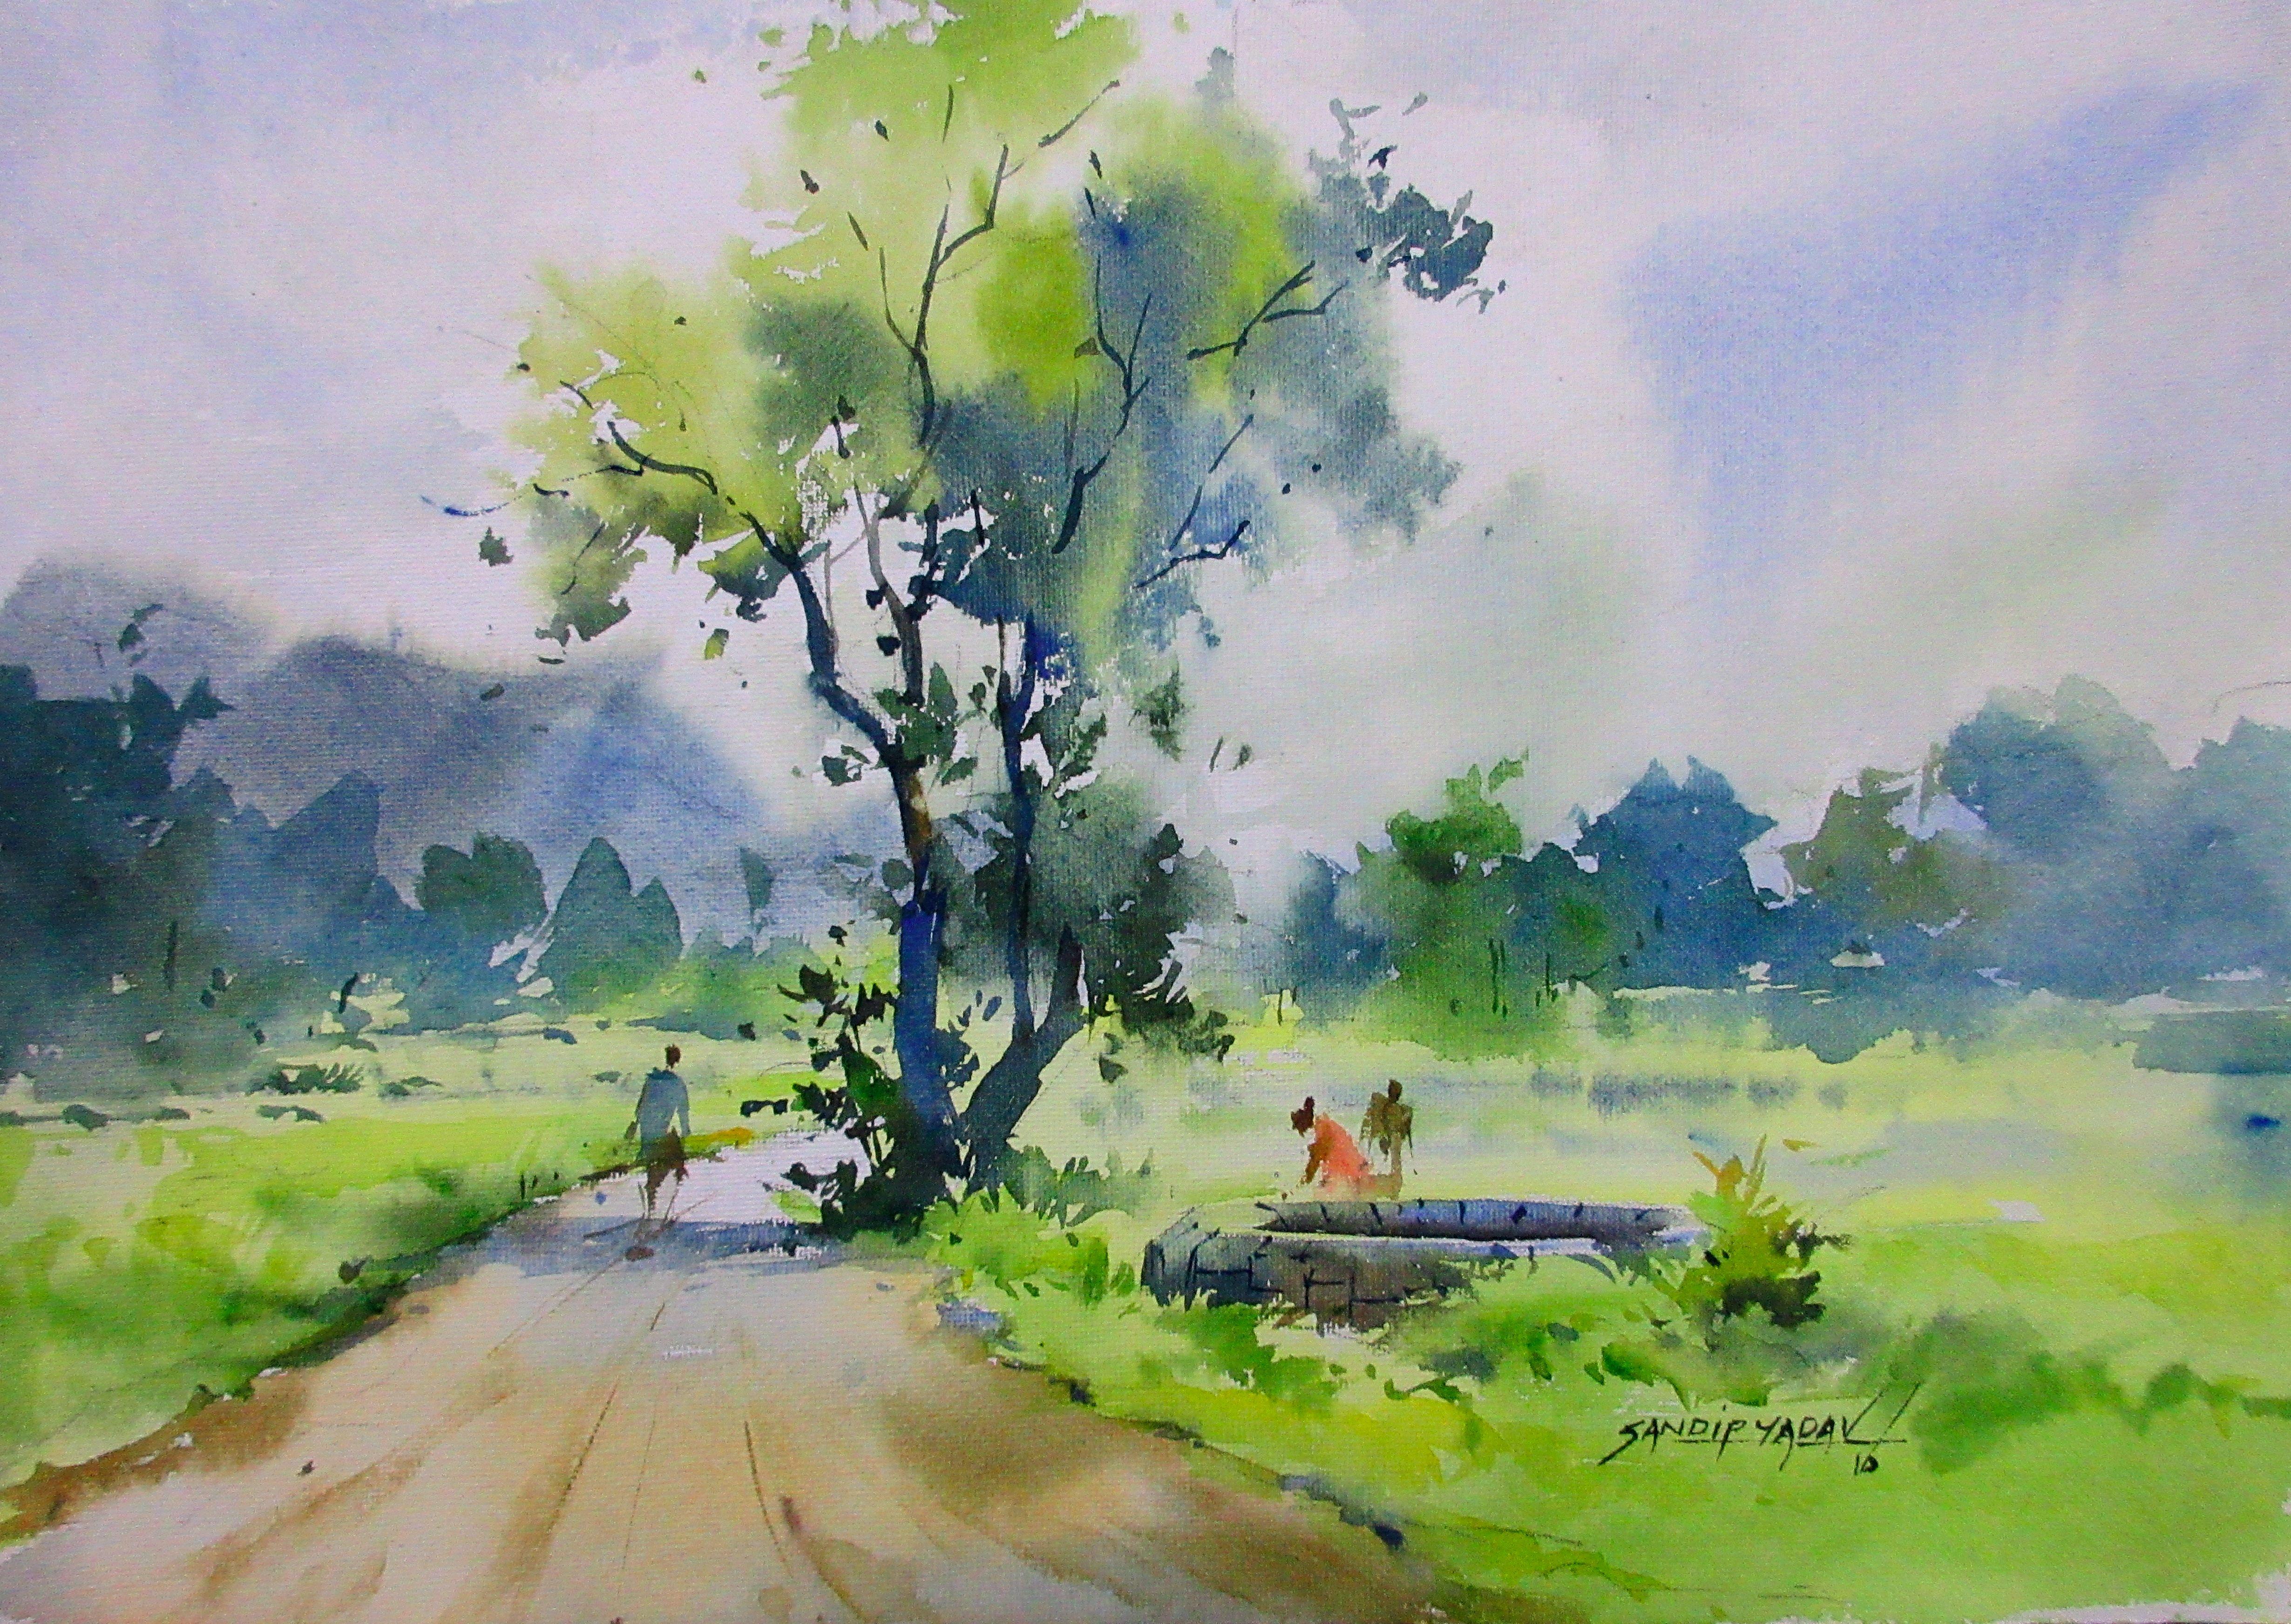 Watercolor Painting Watercolor Landscape Paintings Watercolor Art Landscape Watercolor Paintings Nature